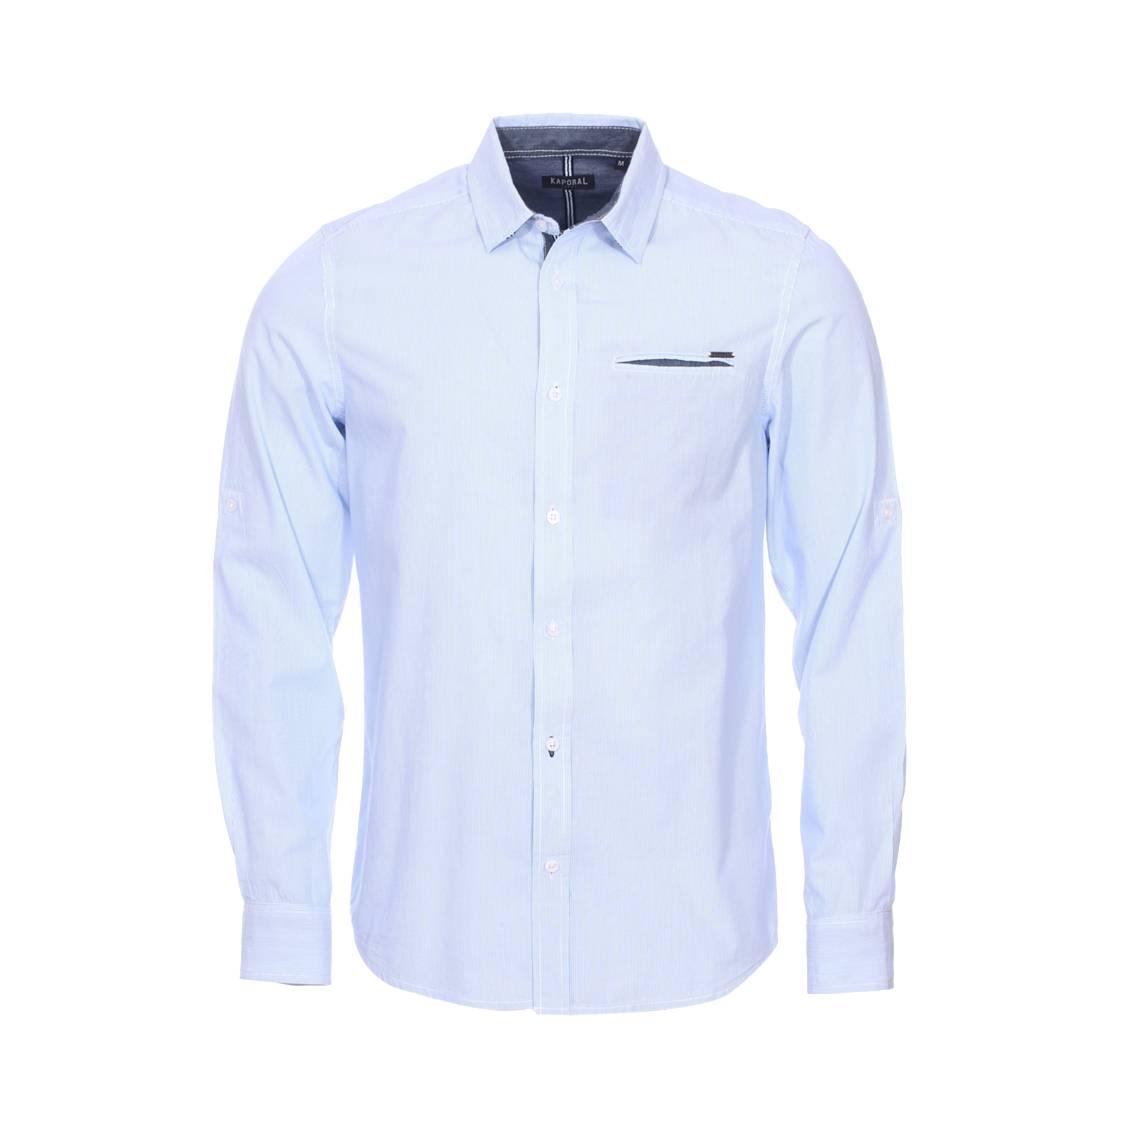 Chemise droite  surf en coton à rayures bleu ciel et blanches